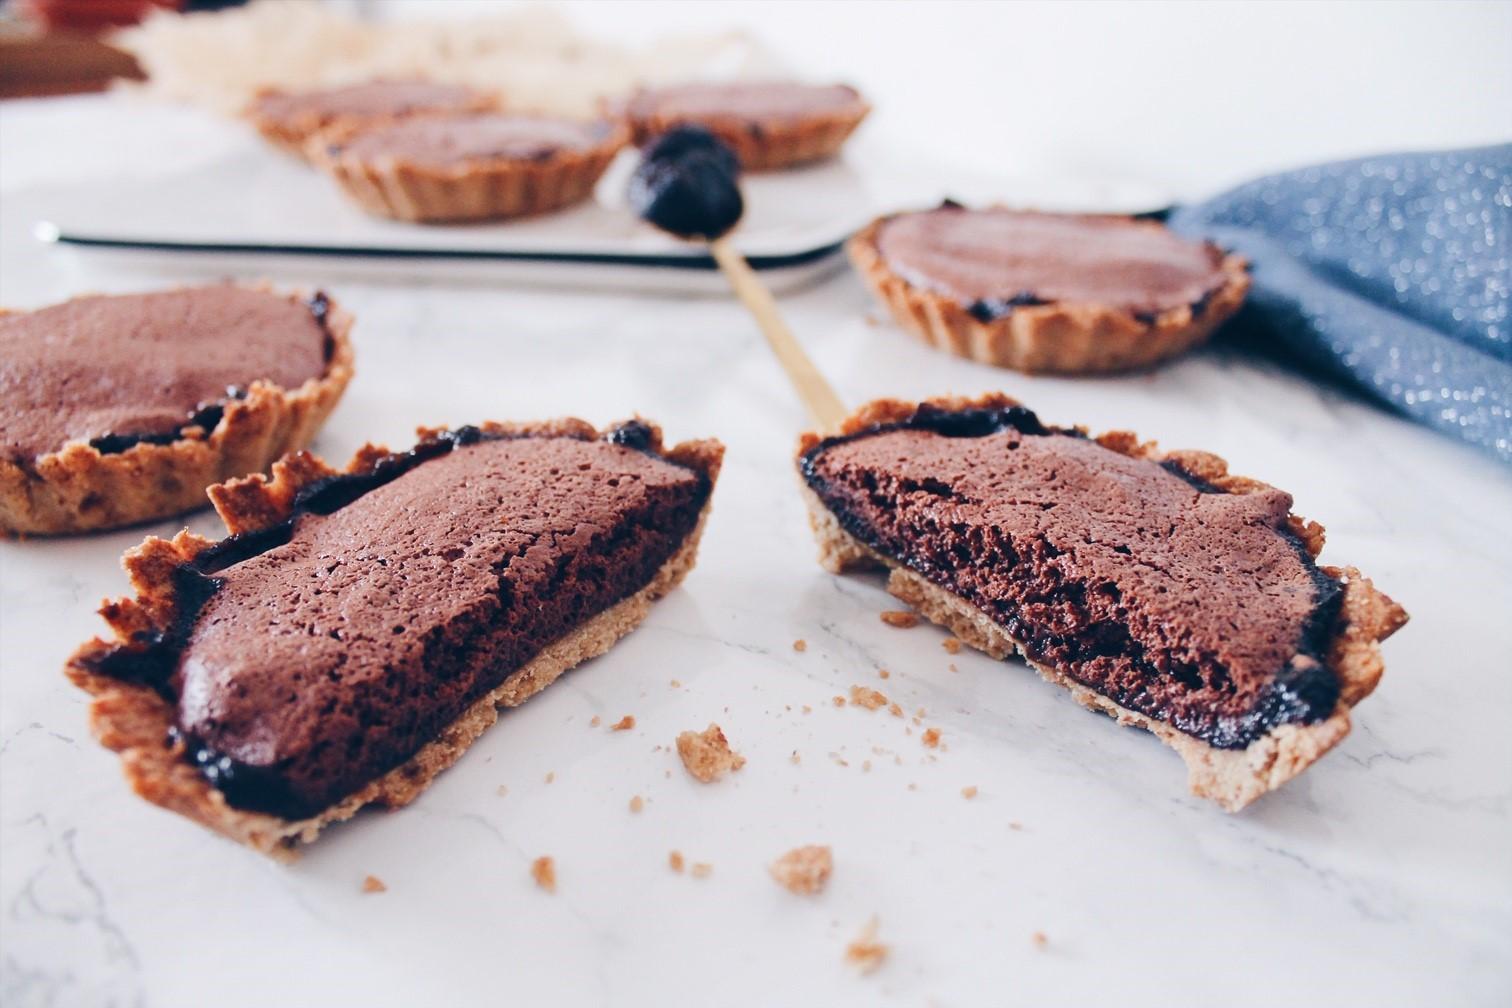 Tartes individuelles pralinées fourrées à la mousse au chocolat vegan. Une recette sur le blog laualamenthe.com